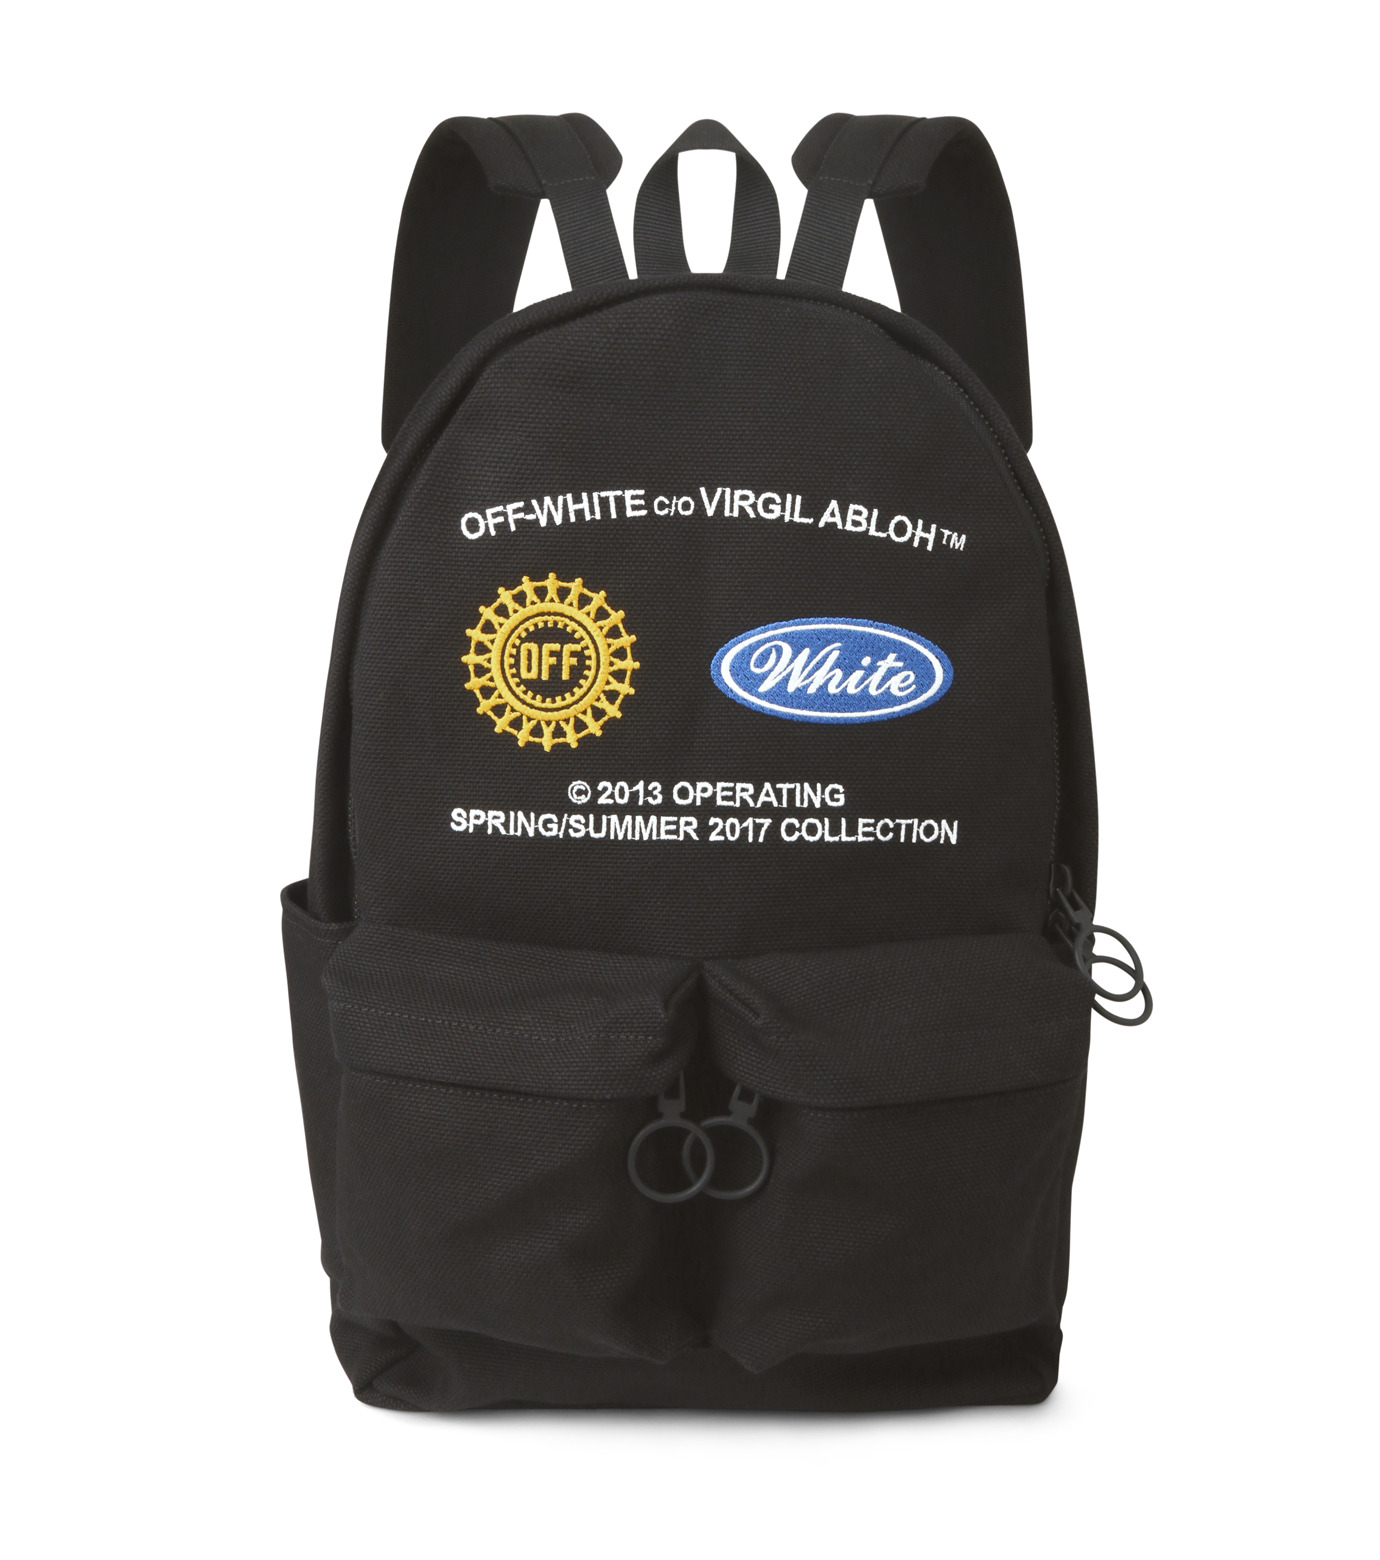 Off White(オフホワイト)のWORK BACKPACK-BLACK(バックパック/backpack)-003S7108075-13 拡大詳細画像1